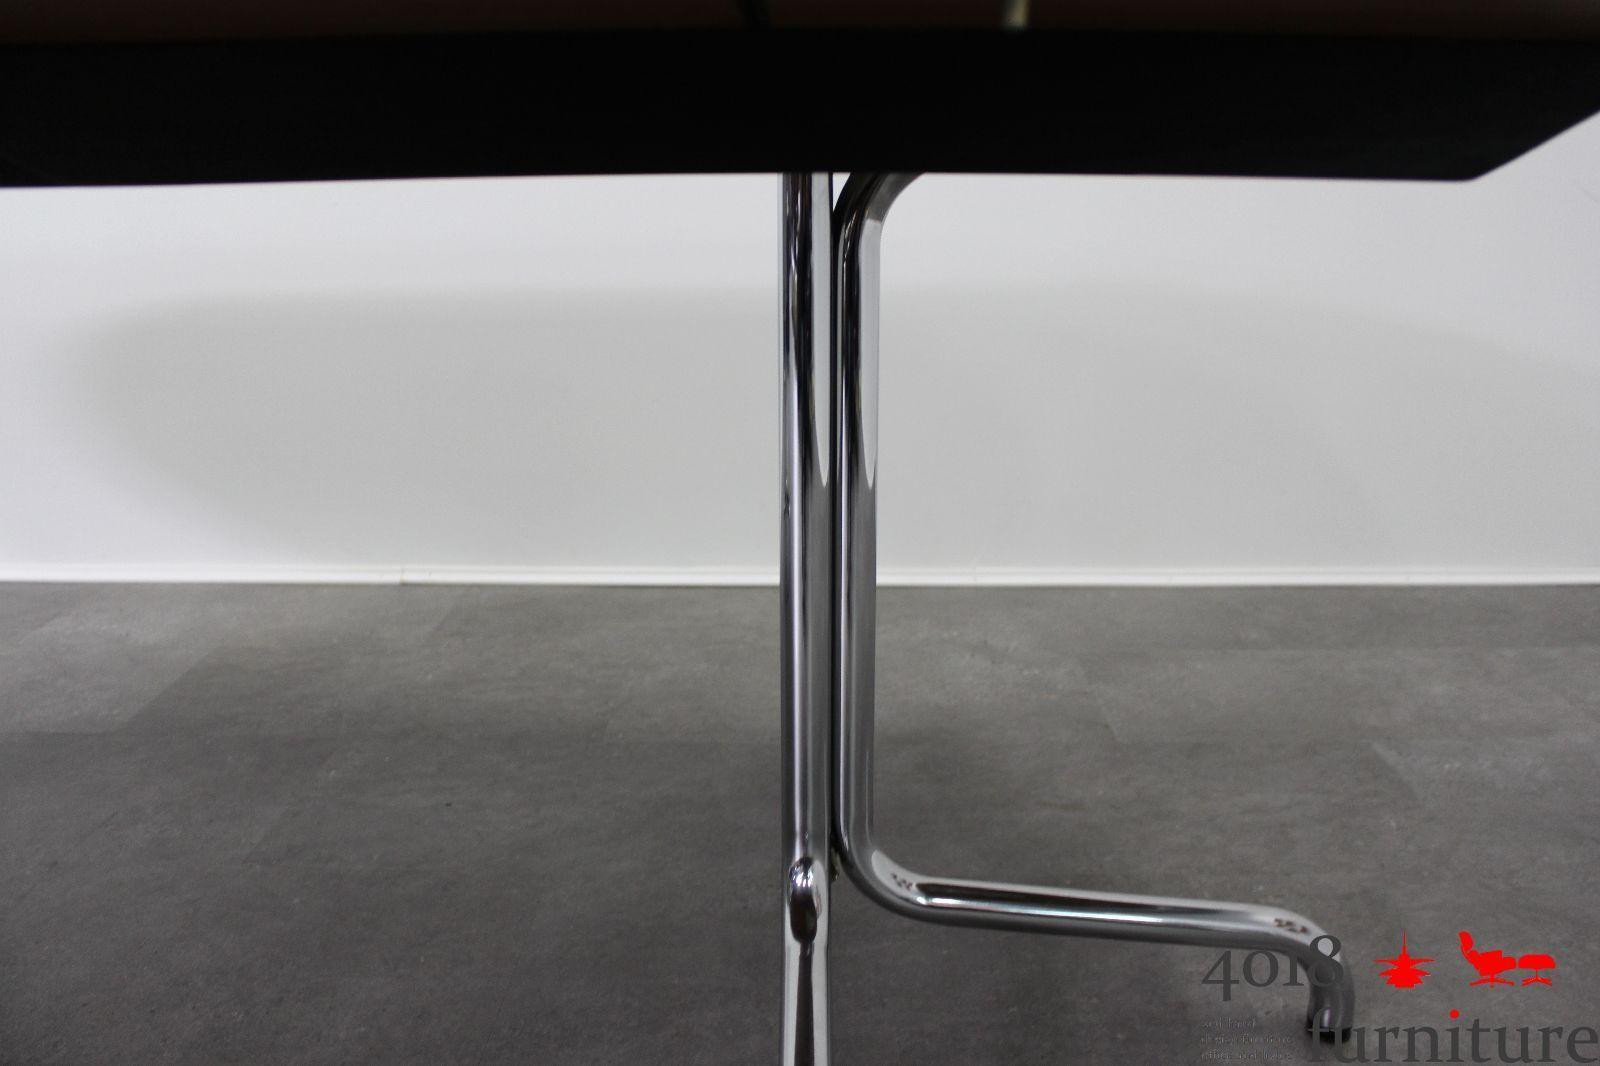 Esstisch Bauhaus esstisch s 1052 schwarz bauhaus klassiker